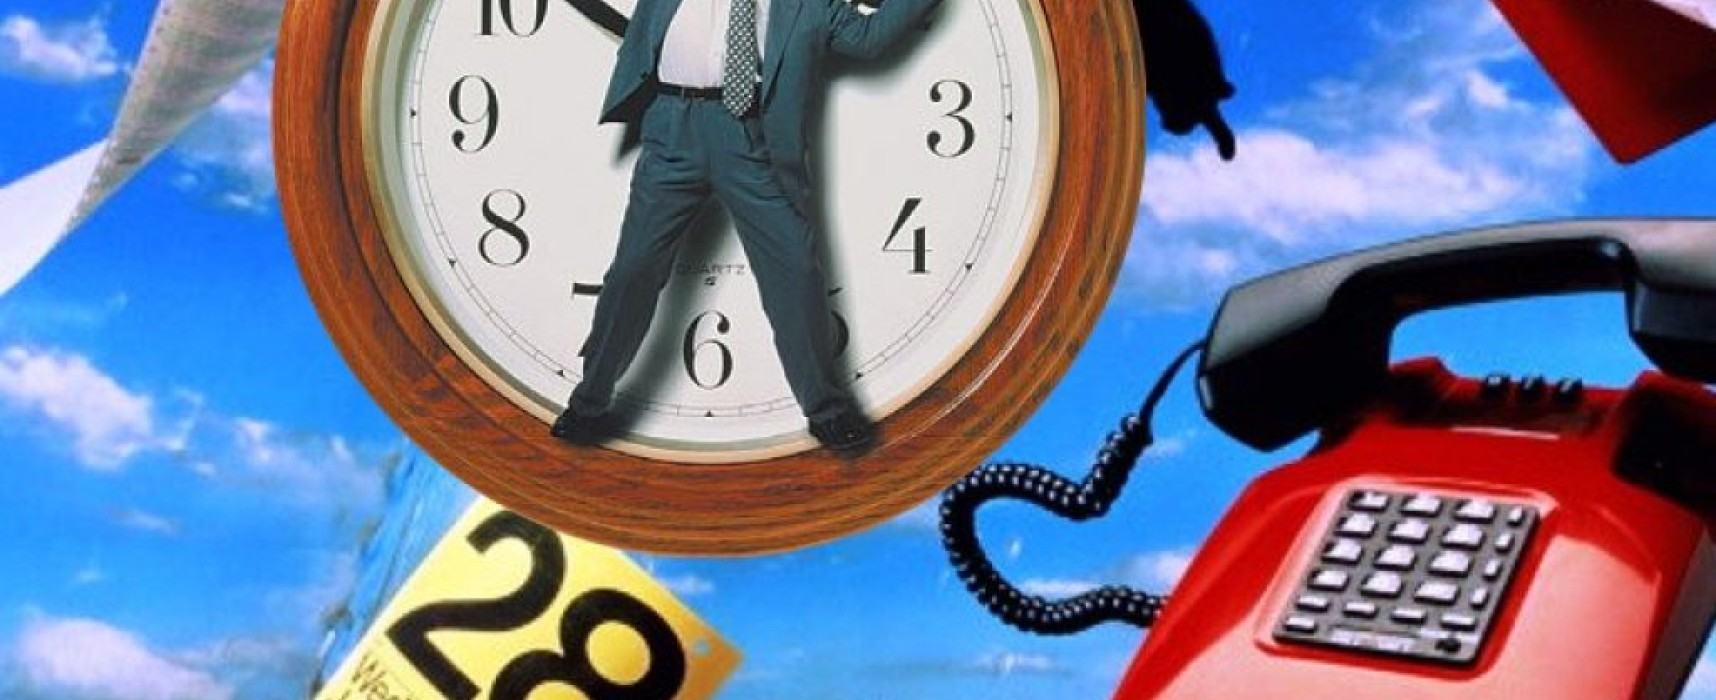 Учет рабочего времени на предприятии и его виды